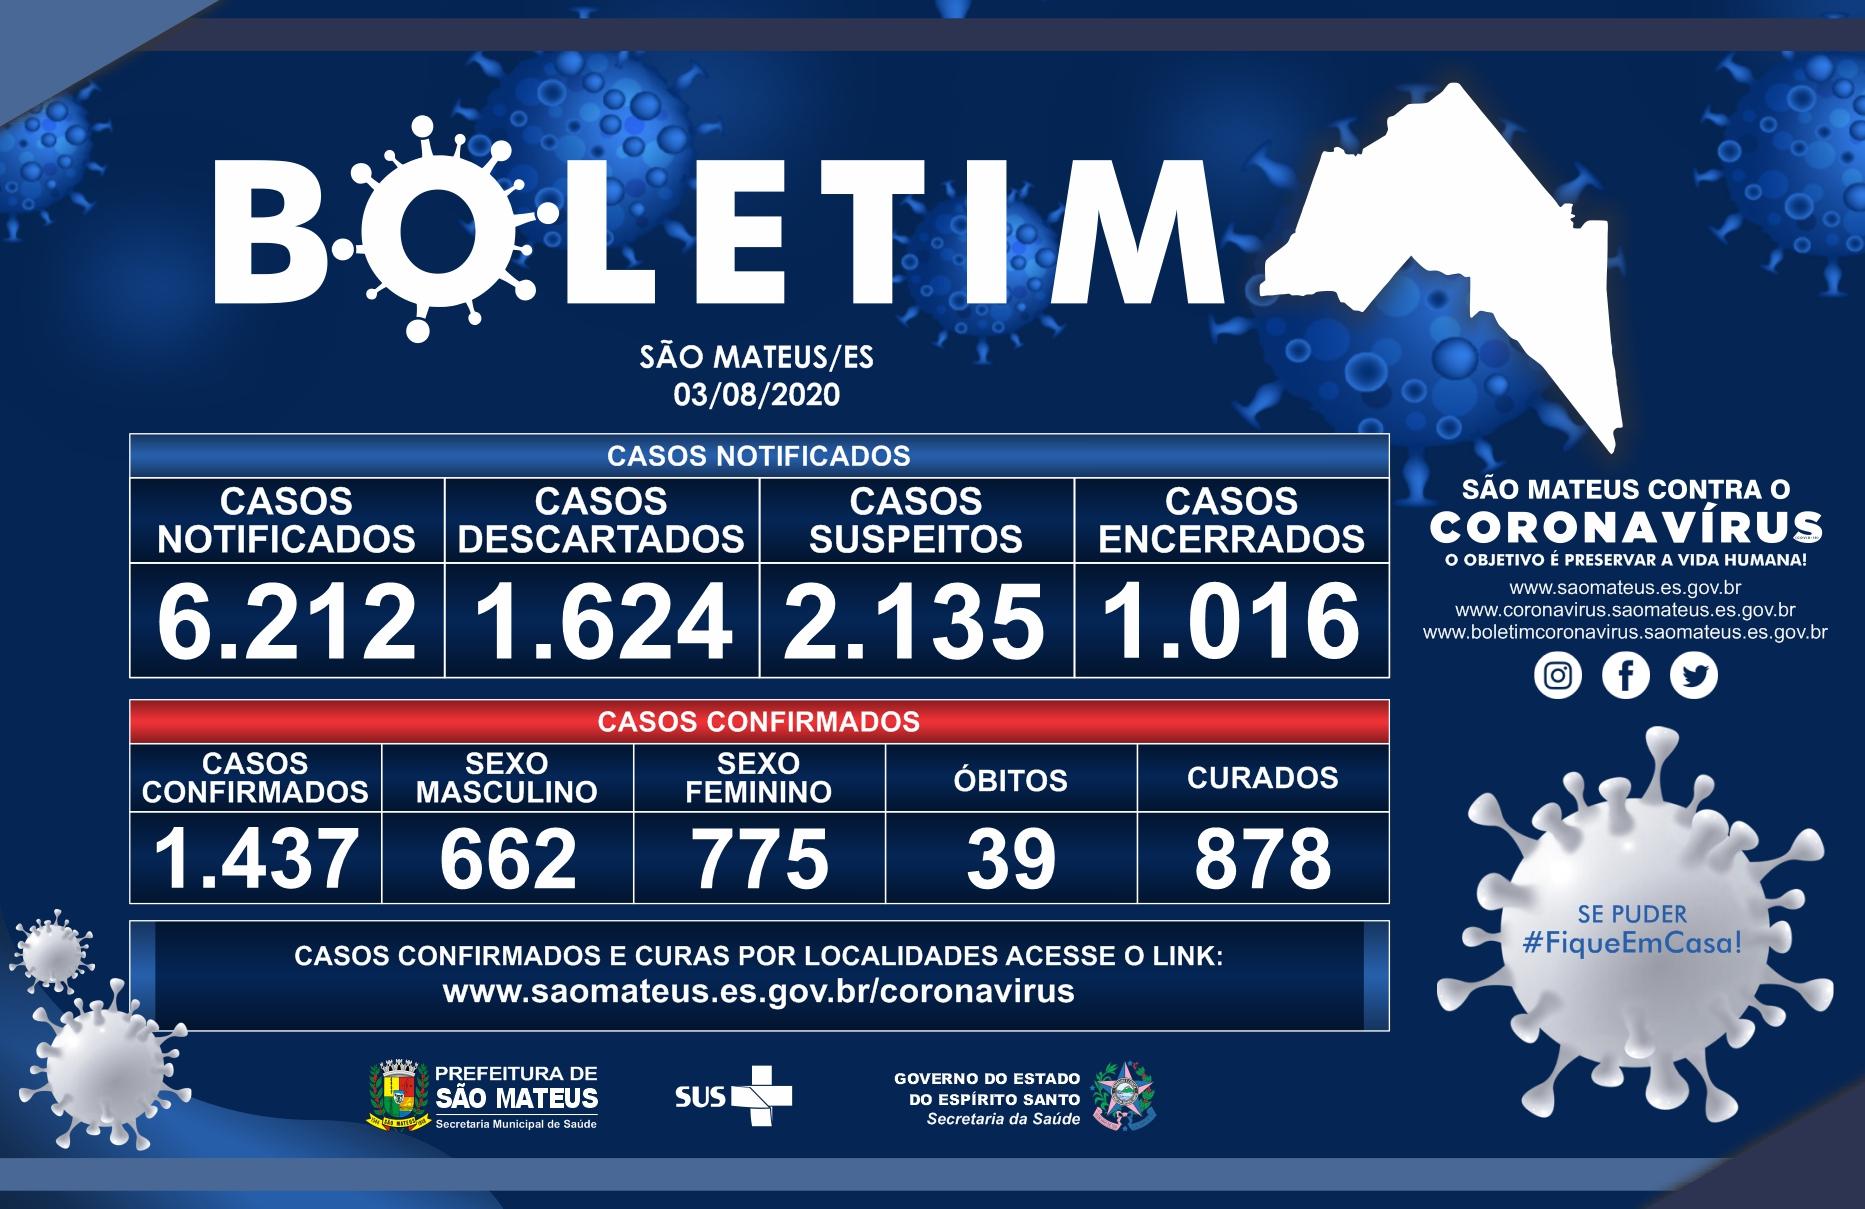 SÃO MATEUS CHEGA A 1.437 CASOS CONFIRMADOS DE CORONAVÍRUS